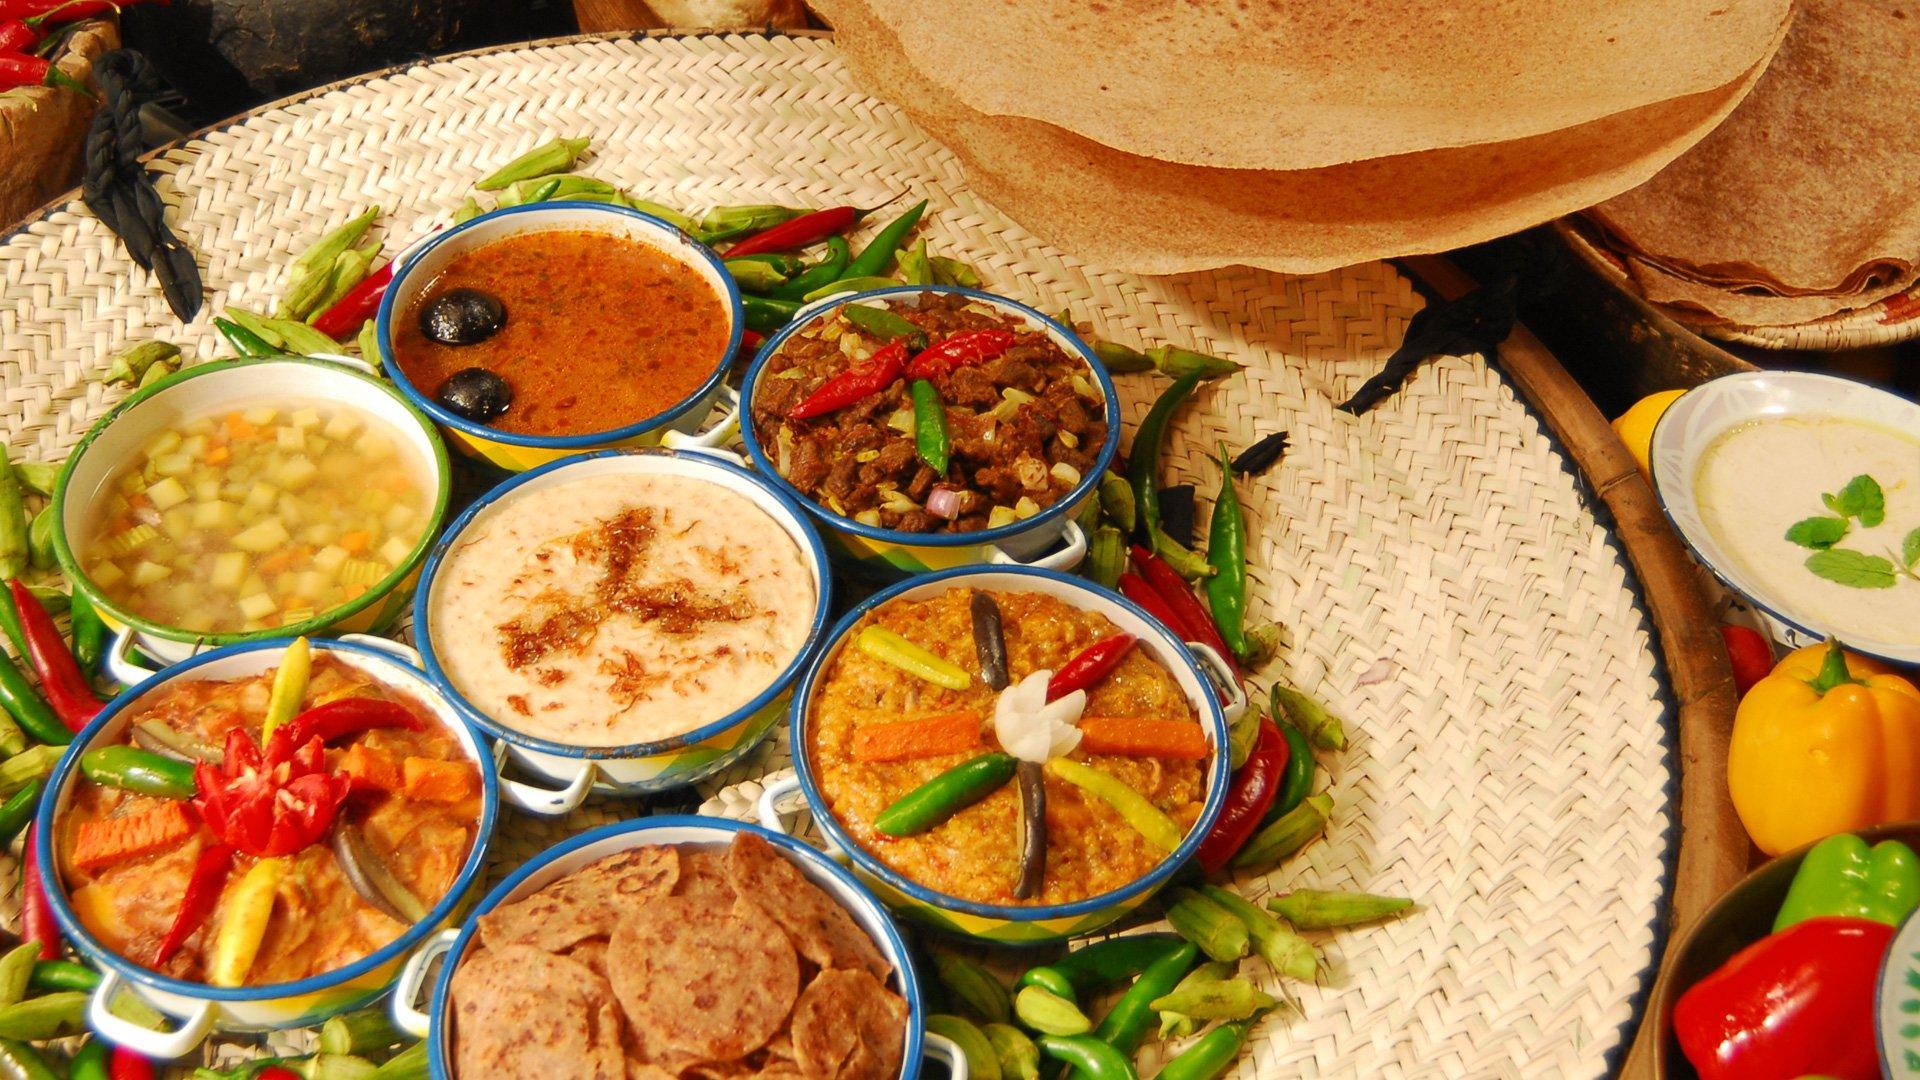 صورة اكلات جنوبيه بالصور , اشهر الاكلات لسكان جنوب الجزيرة العربية